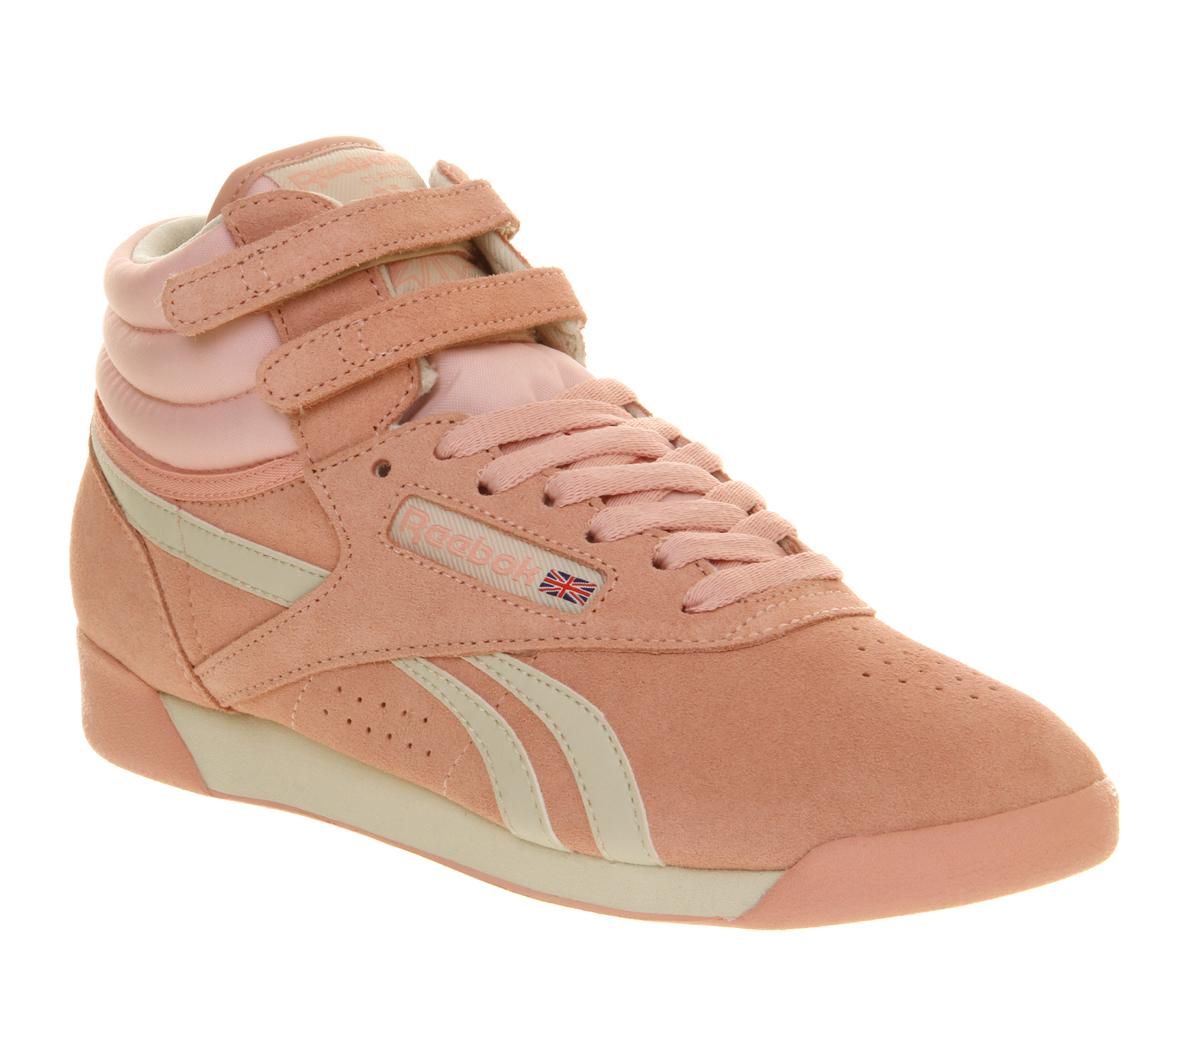 Vans Shoes for Men at PacSuncom